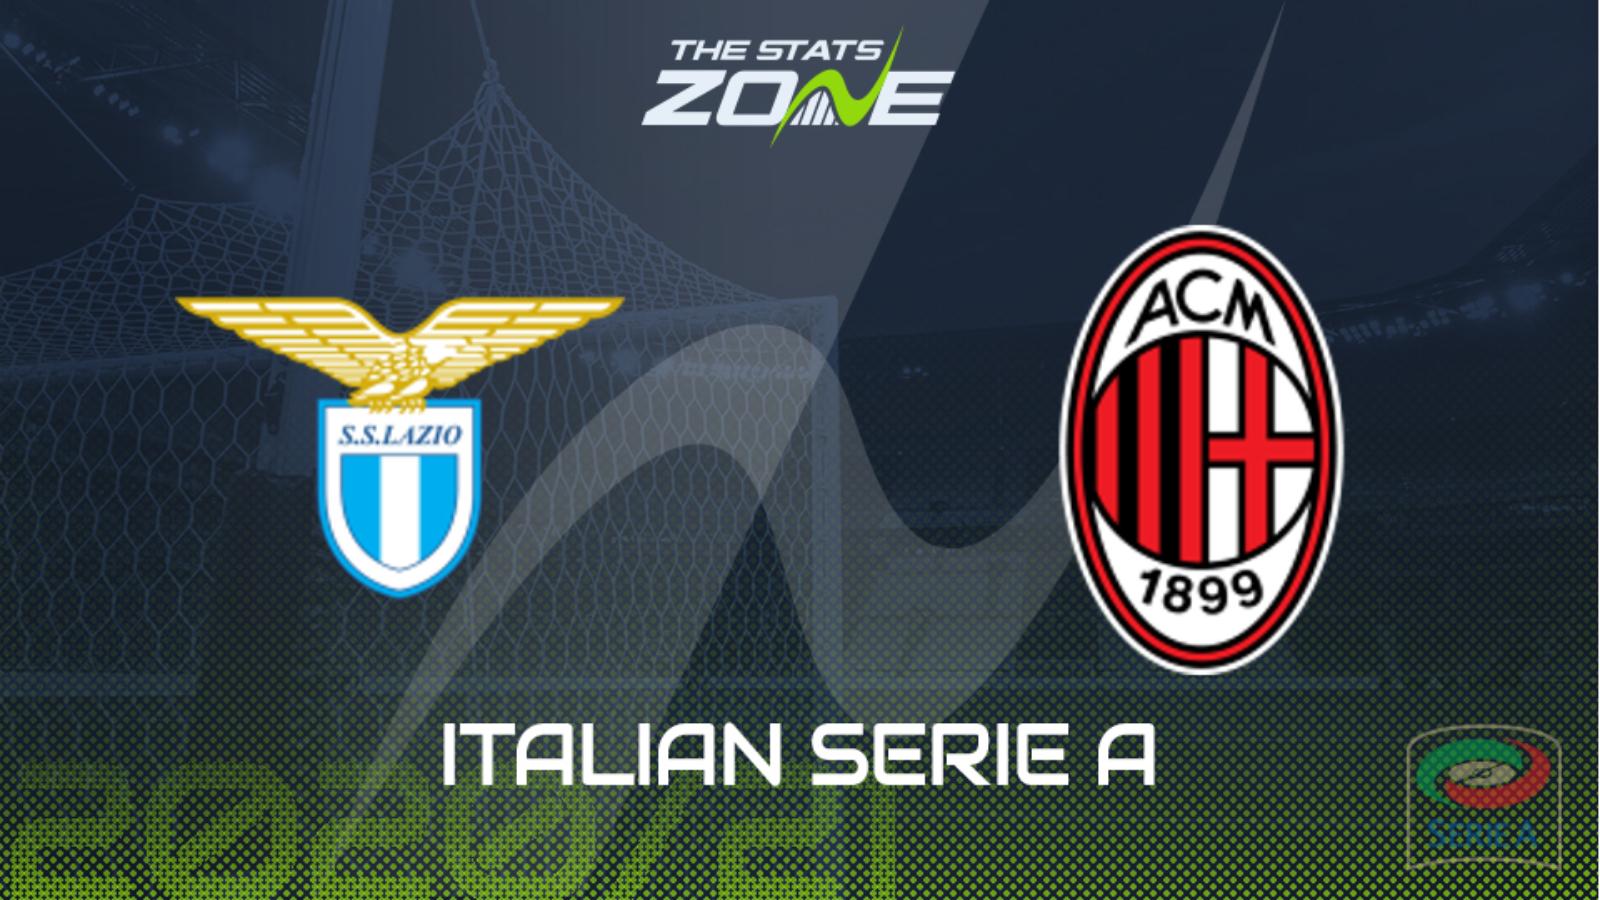 Lazio vs AC Milan Full Match – Serie A 2020/21